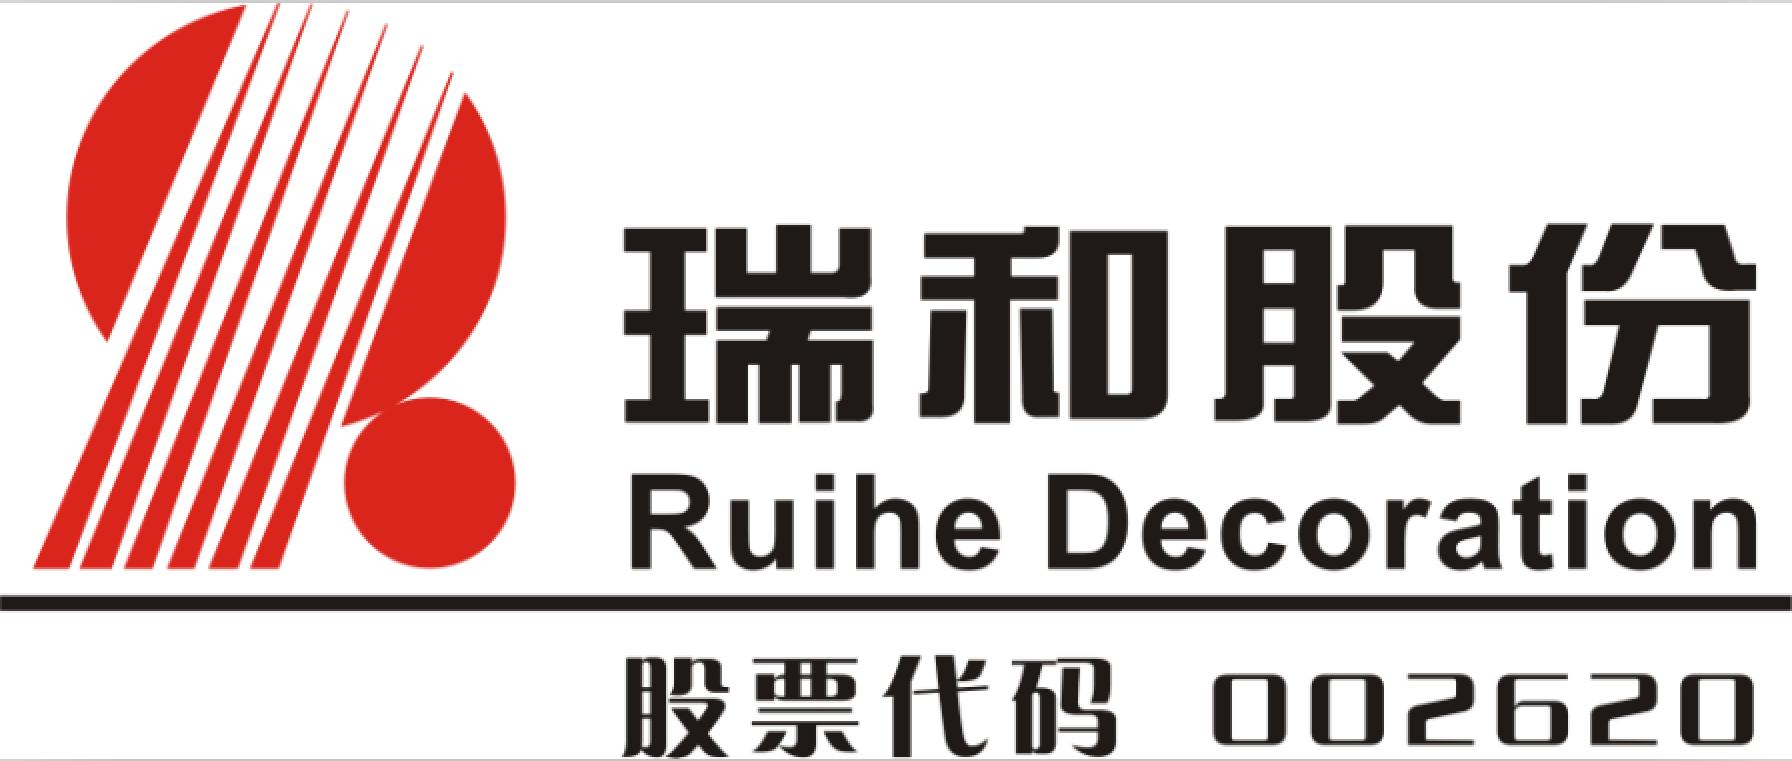 深圳瑞和建筑装饰股份有限公司宣讲会